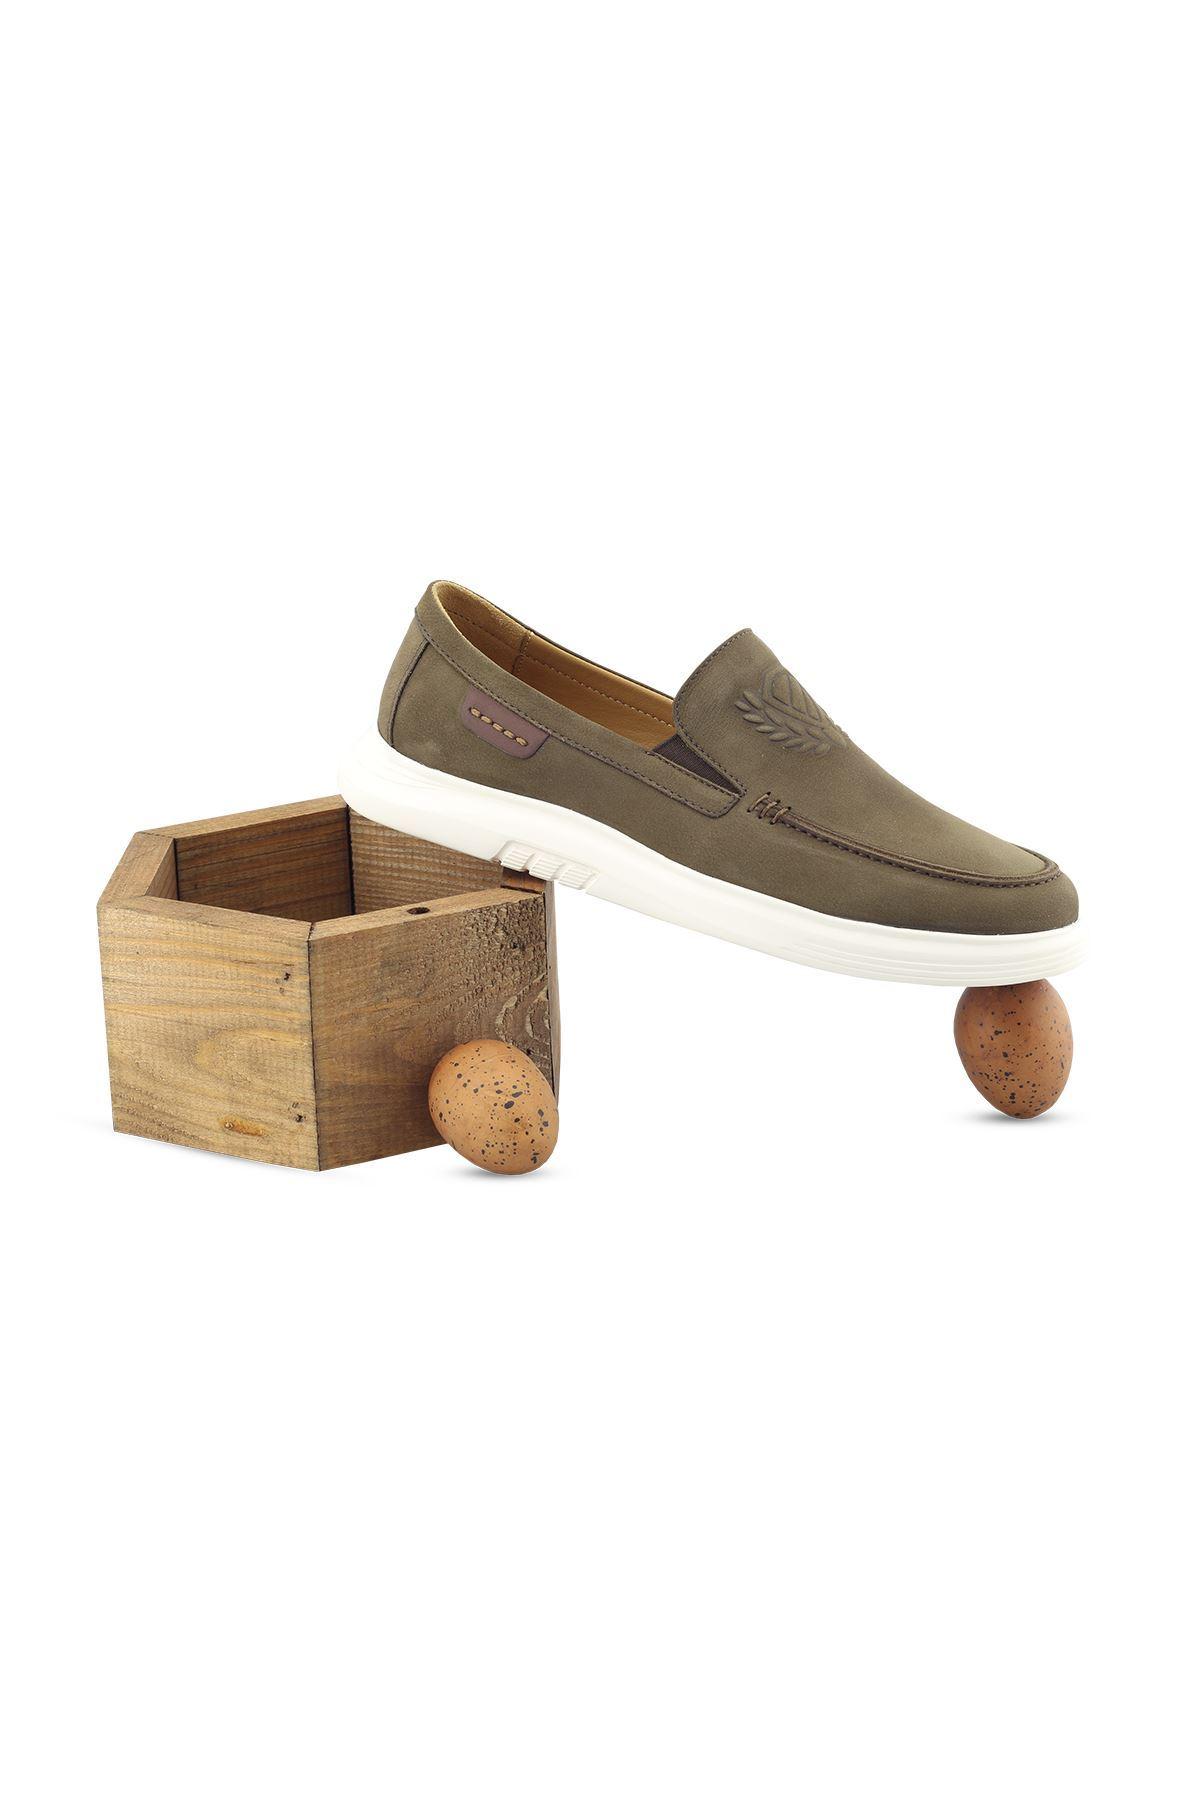 2105 Nubuk Haki Stil Erkek Ayakkabı